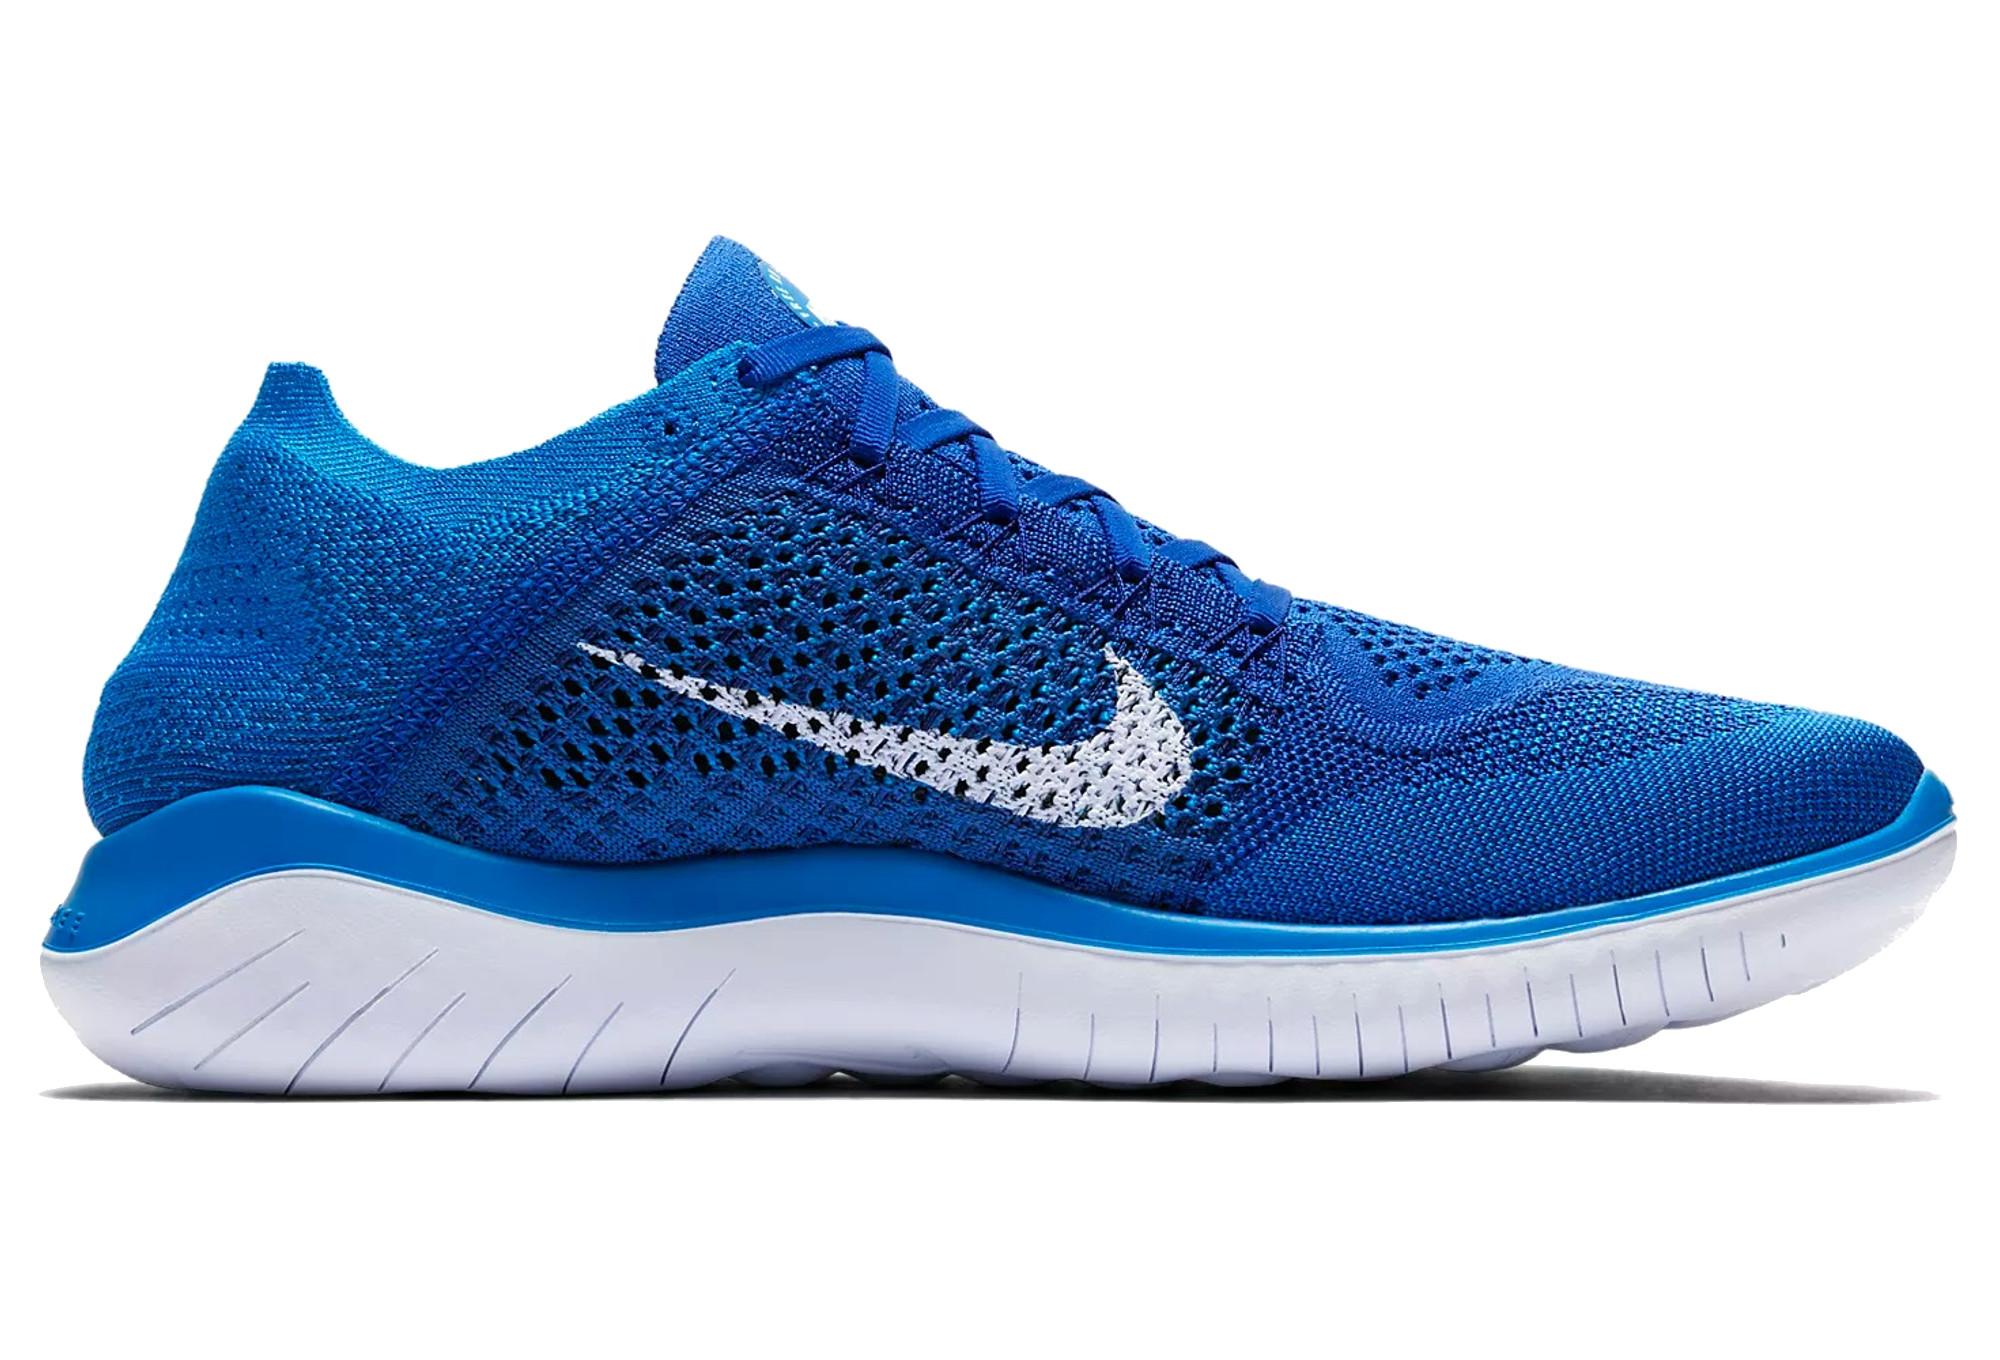 detailed look 5d6c2 31558 Chaussures de Running Nike Free RN Flyknit 2018 Bleu   Blanc